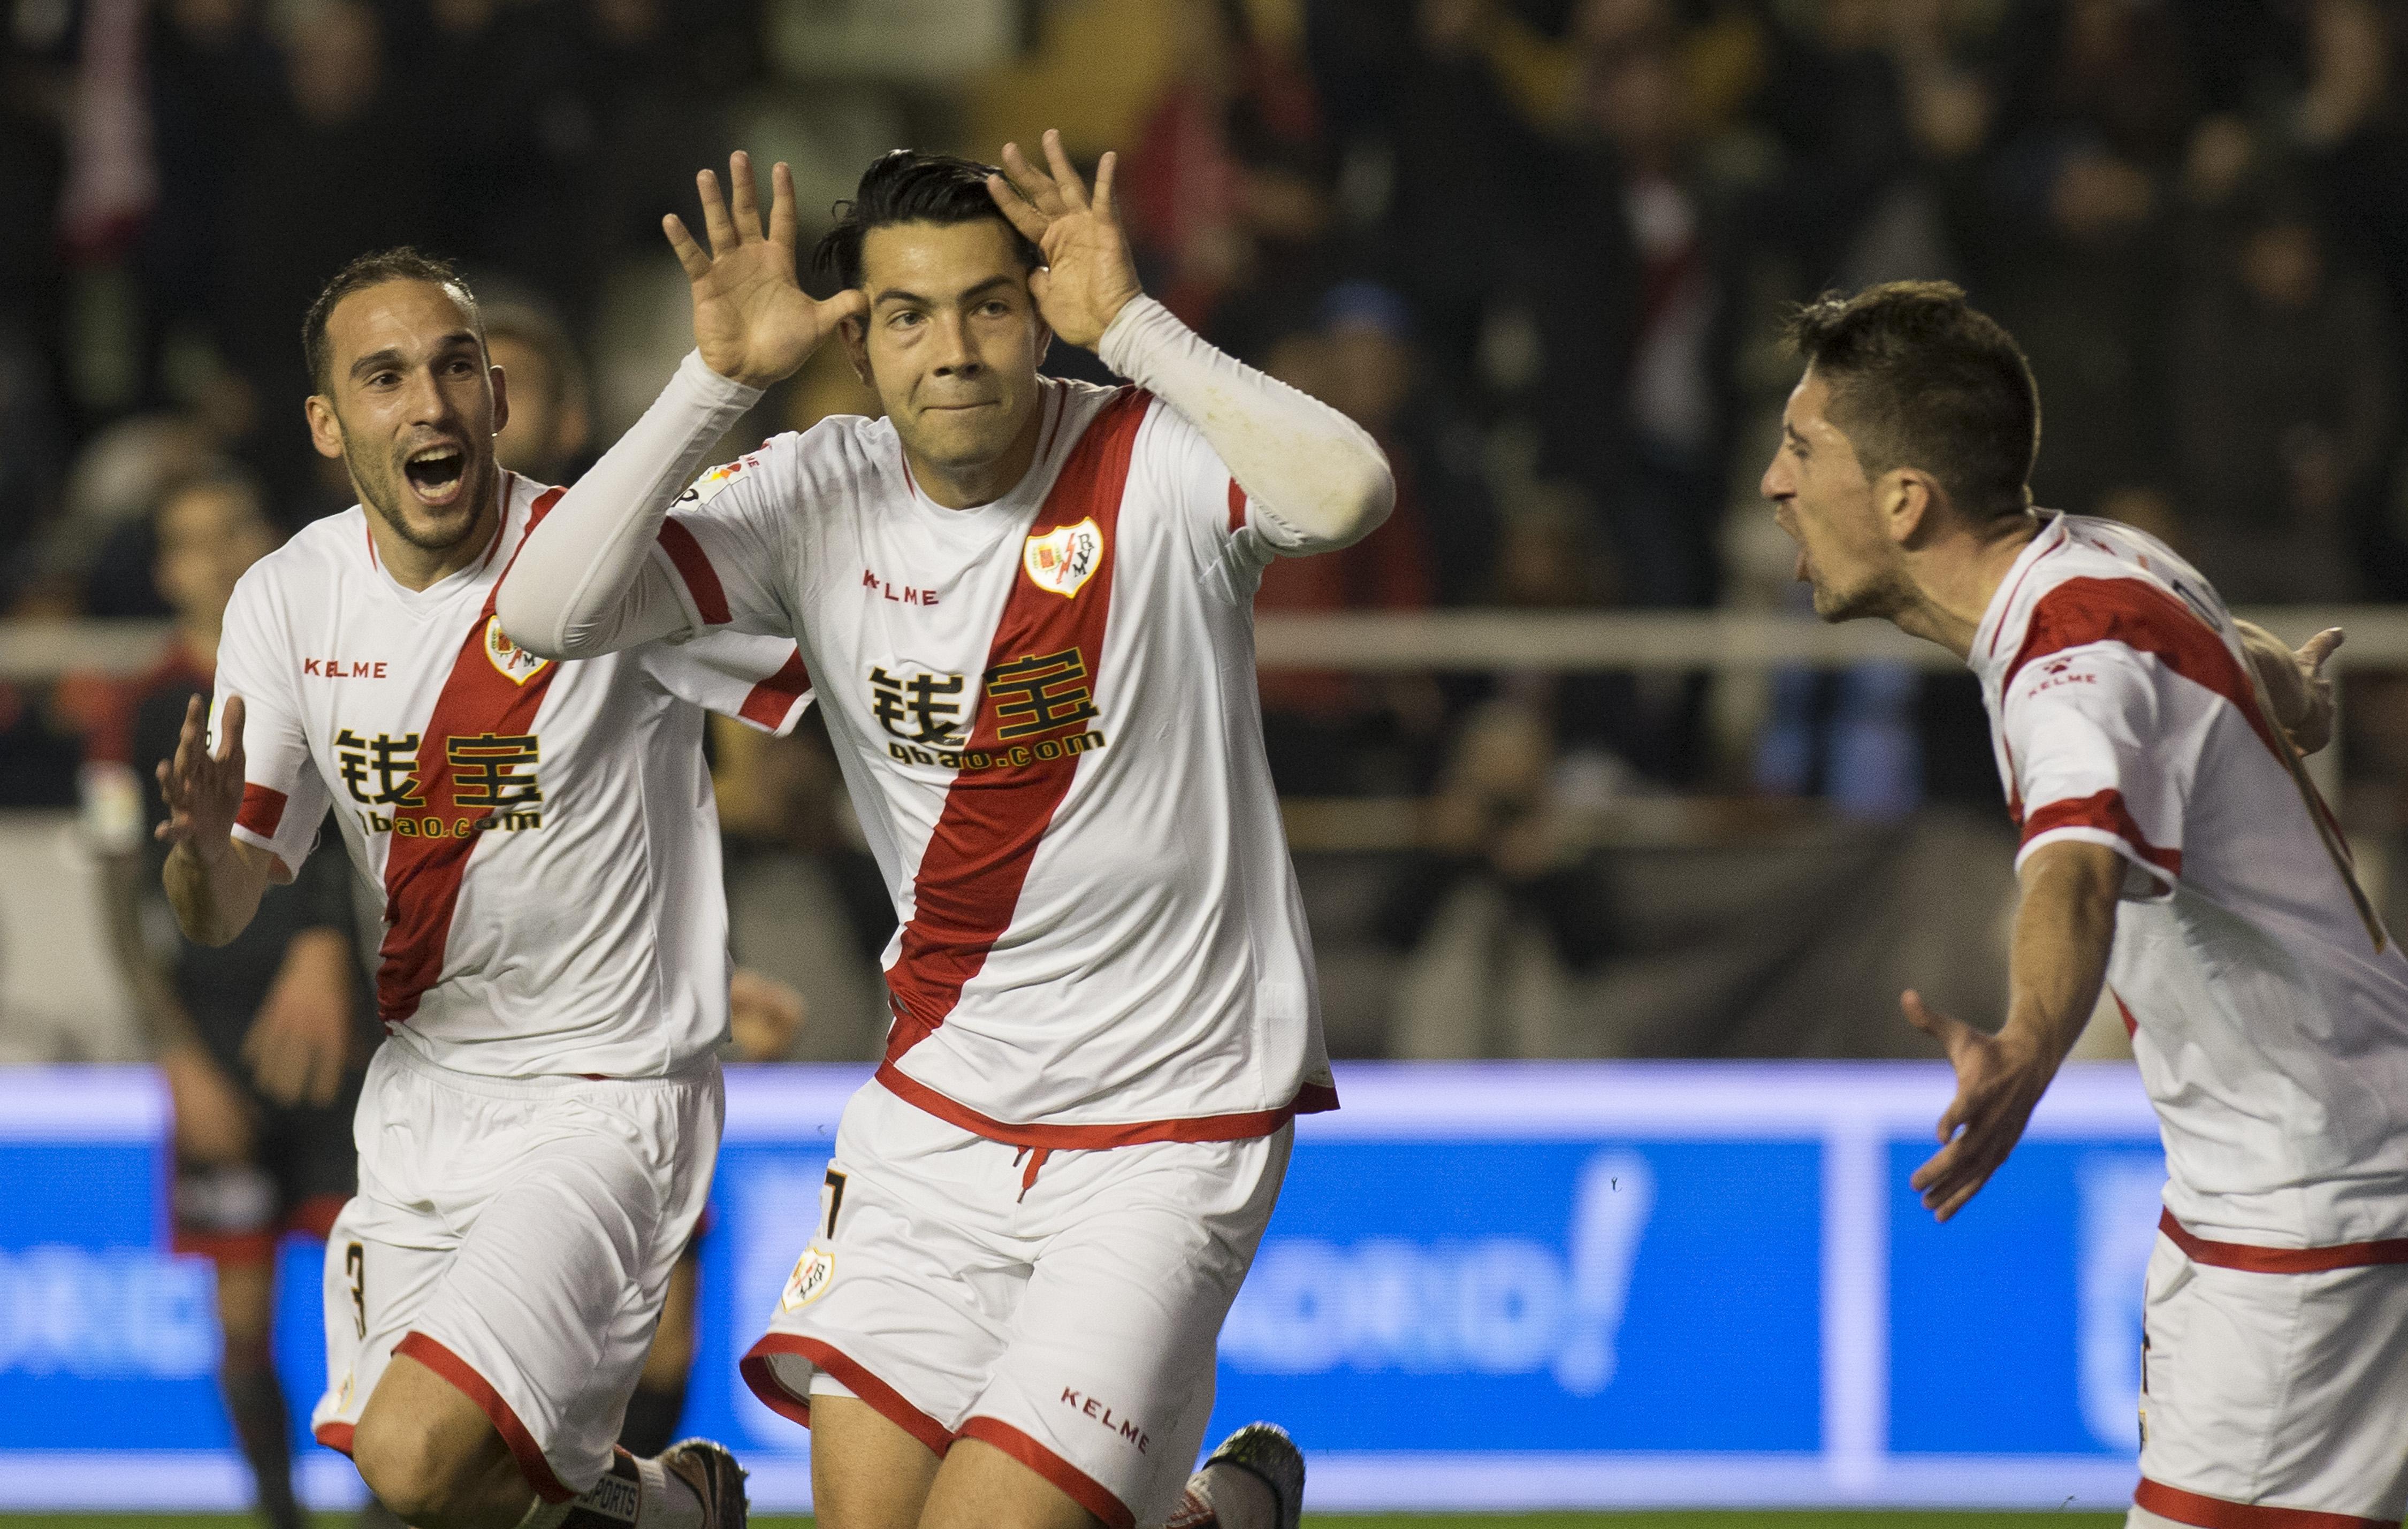 Rayo Vallecano 2 - Sevilla 2: El Rayo remonta un 0-2 y empata con gol del venezolano Miku ...